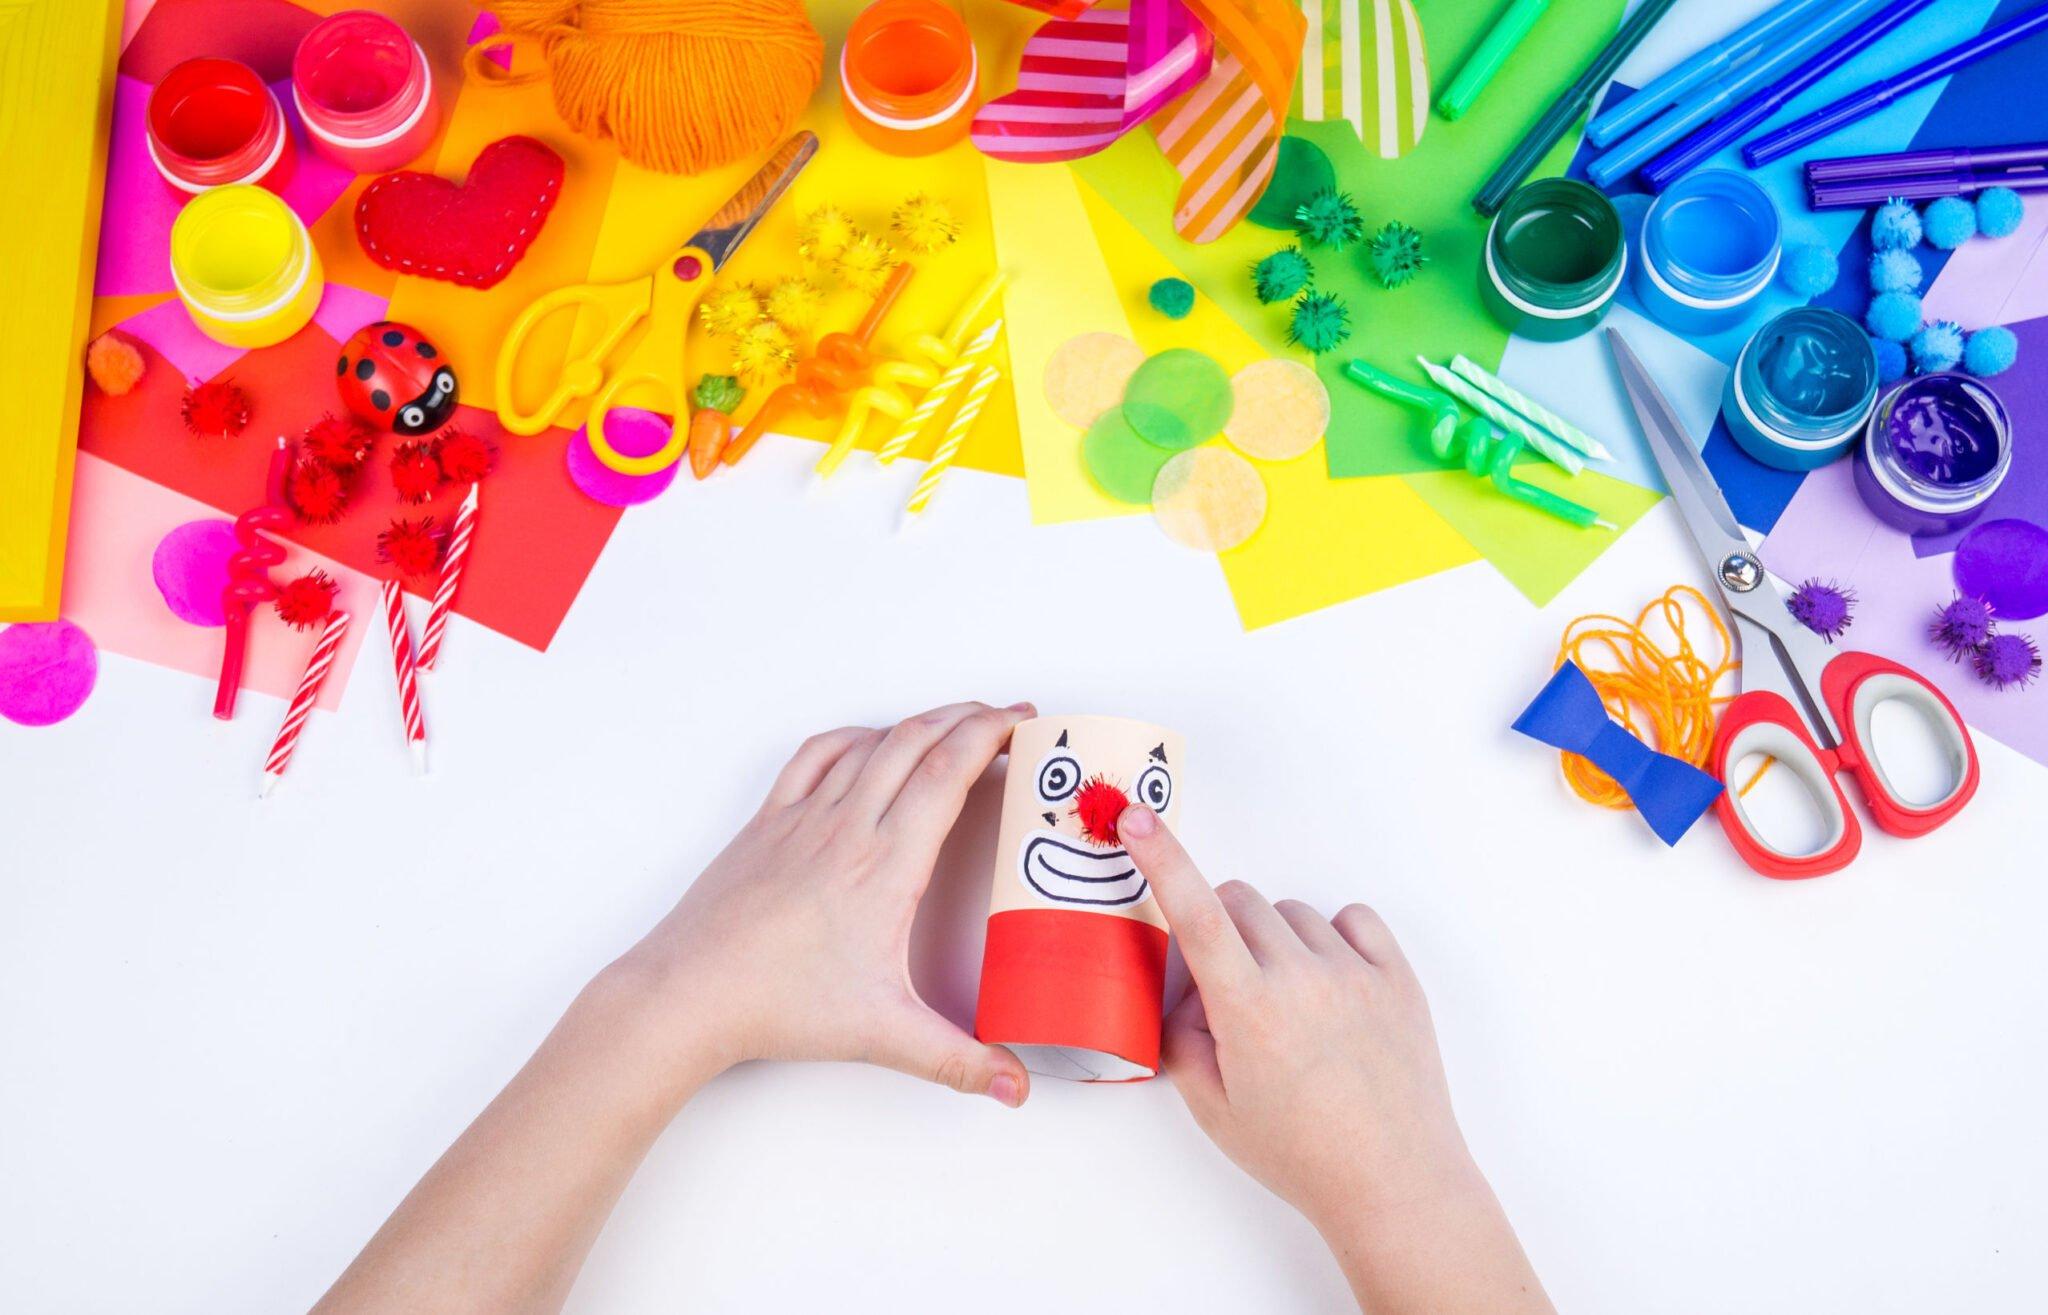 Carnaval knutselen; 12 voorbeelden, ideeën en kleurplaten - Mamaliefde.nl